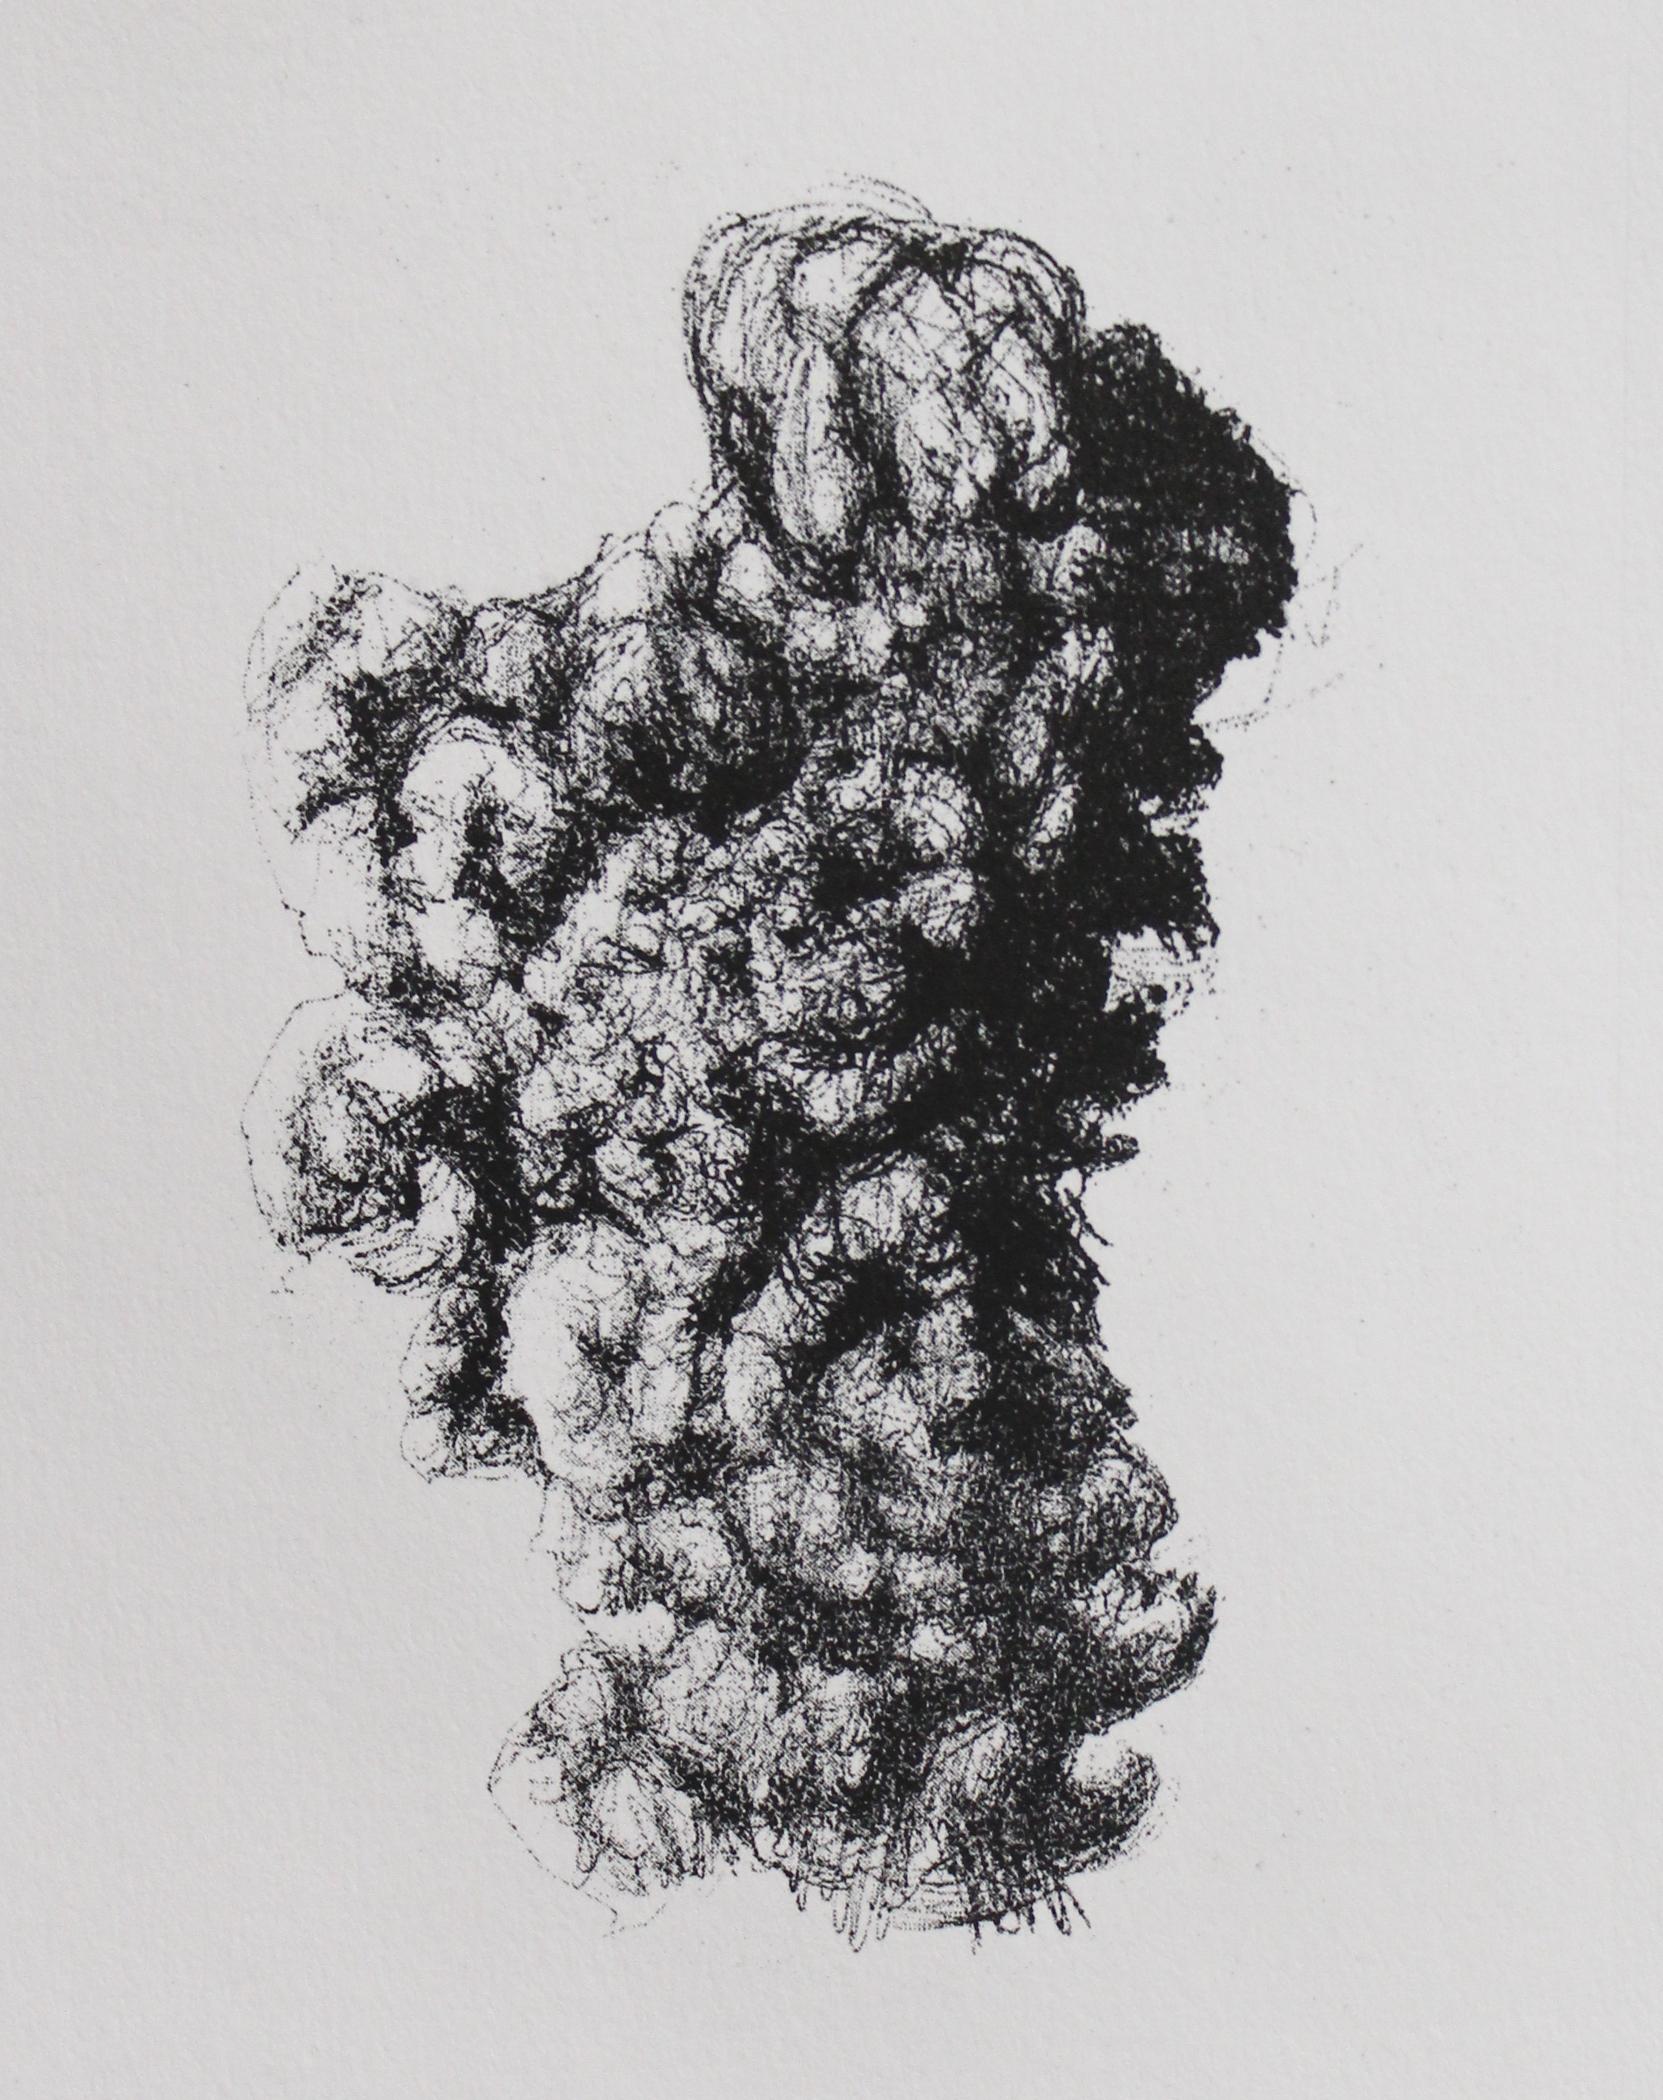 Micropyrocumulus